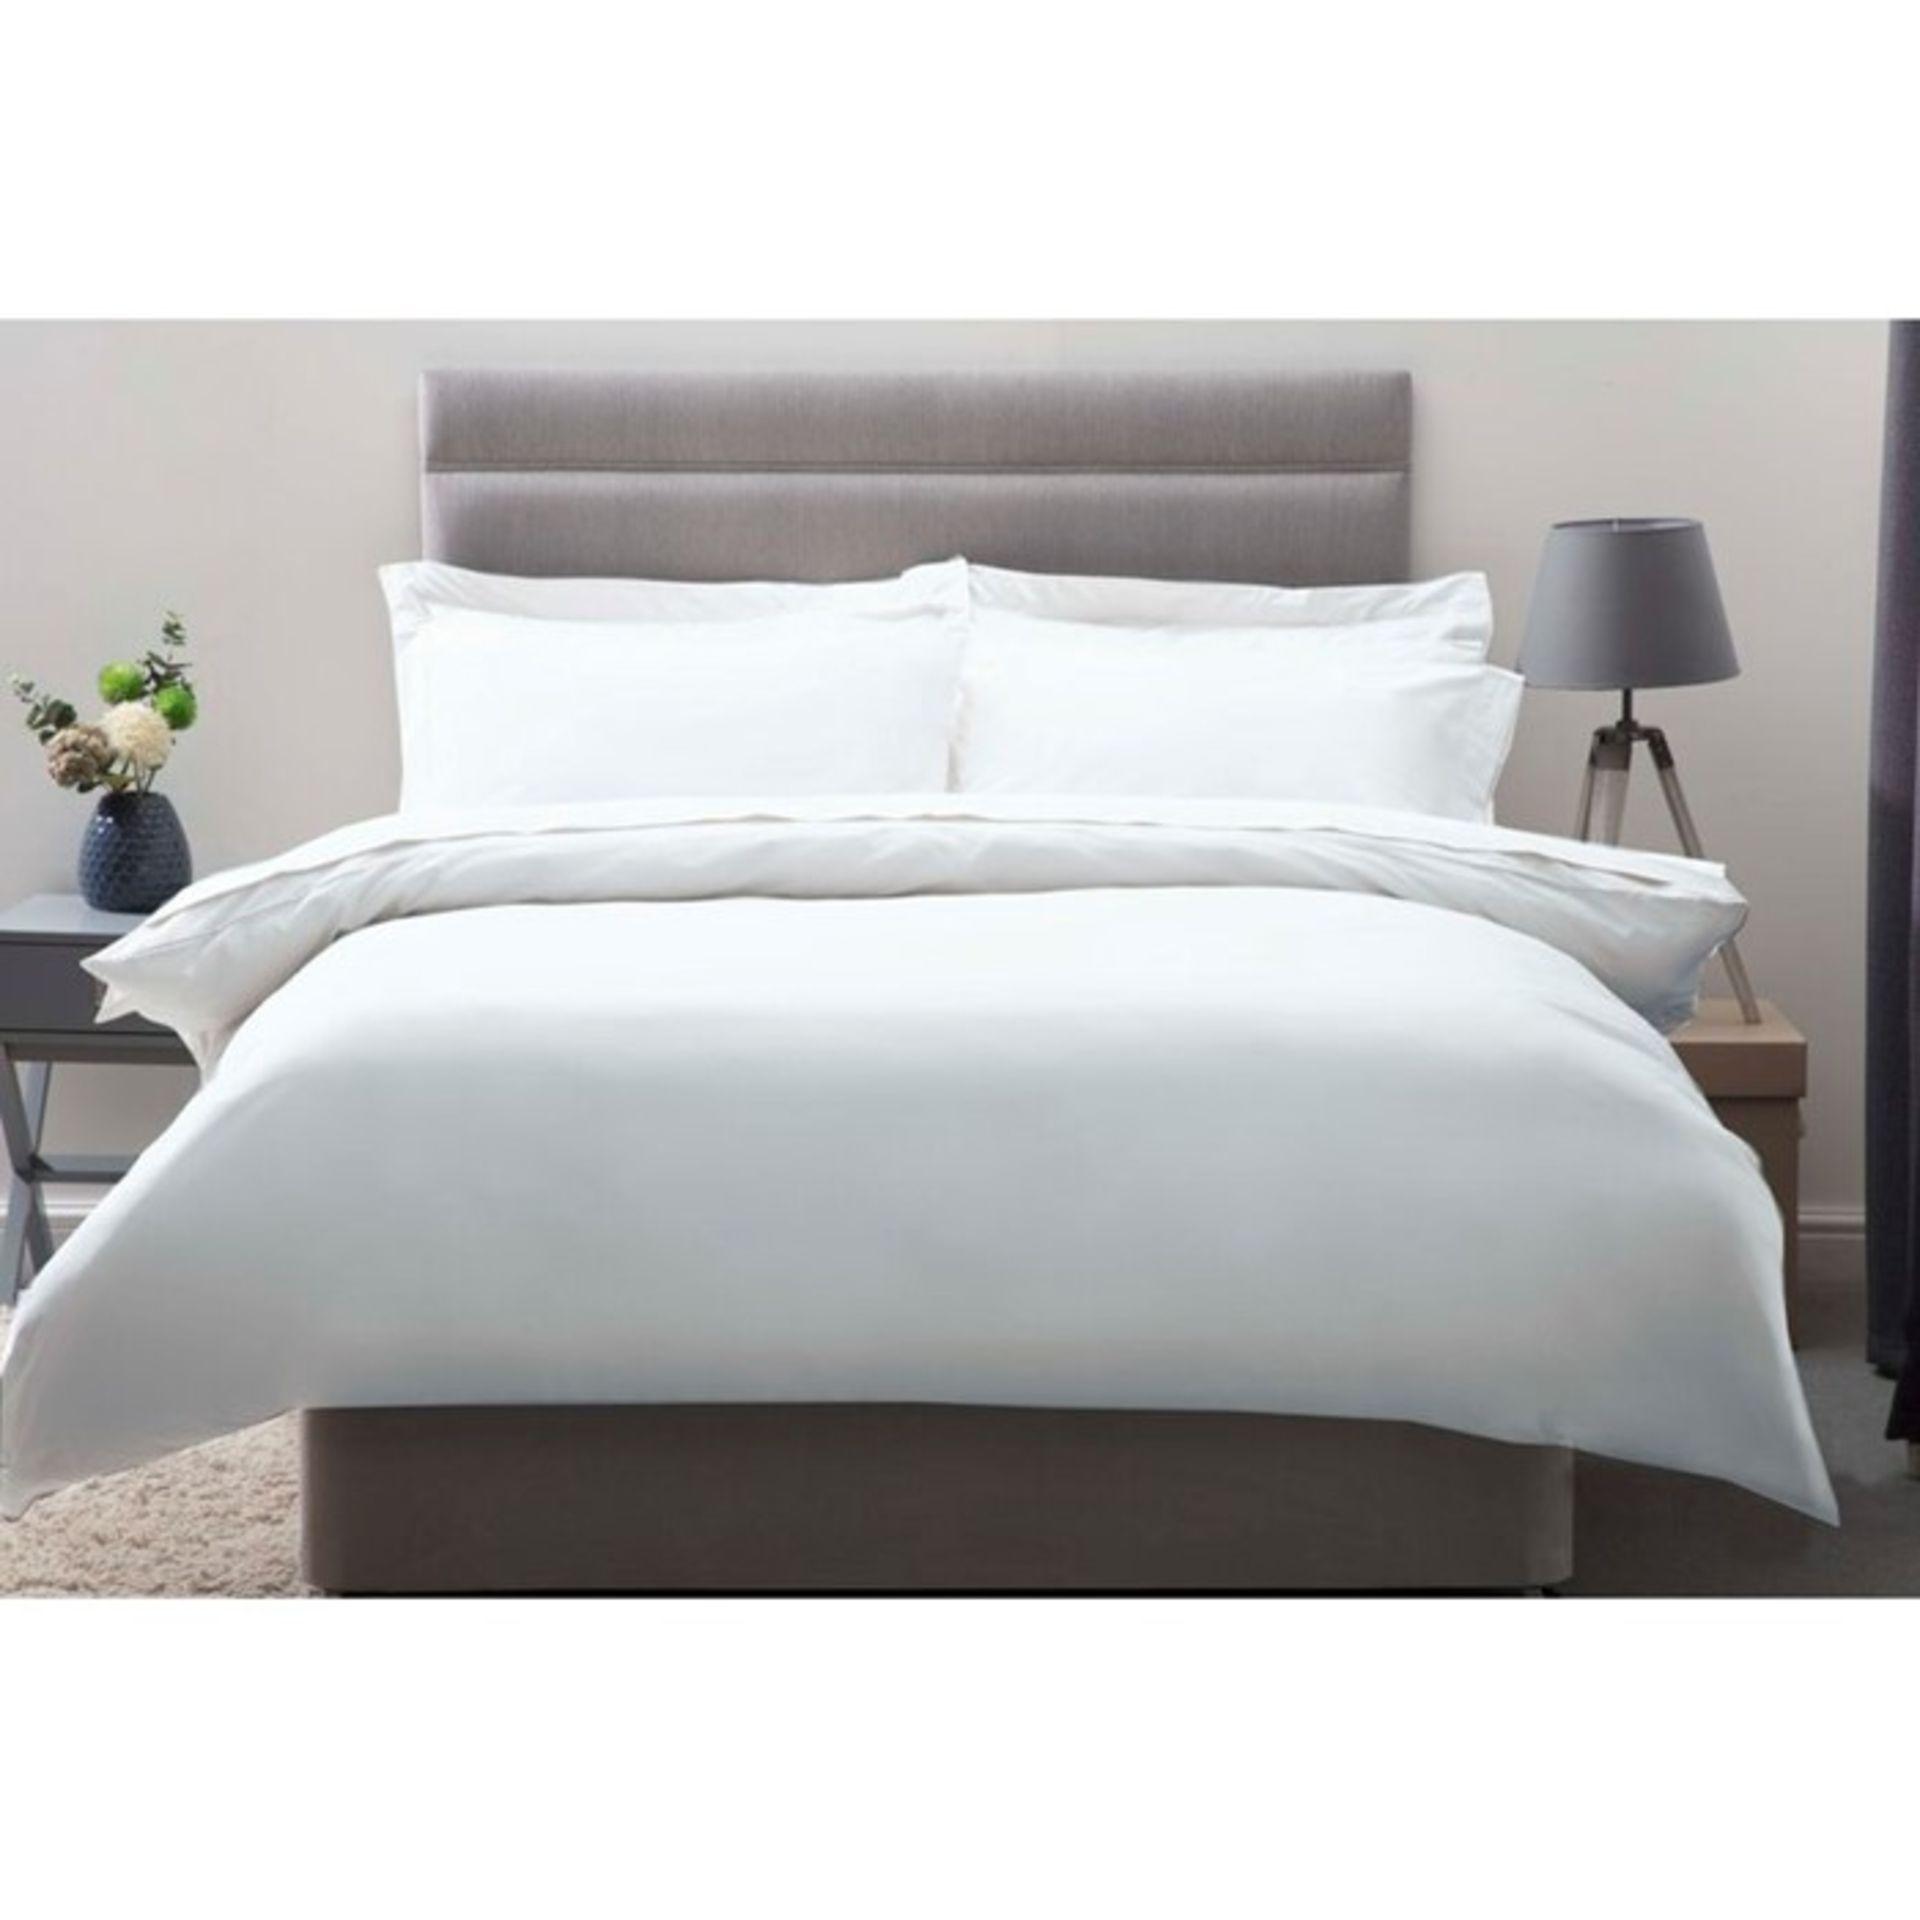 Belledorm, 450TC Pima Cotton Duvet Cover (290CM X 235CM / OYSTER) - RRP £91.69 (QVP1368.6450940 -